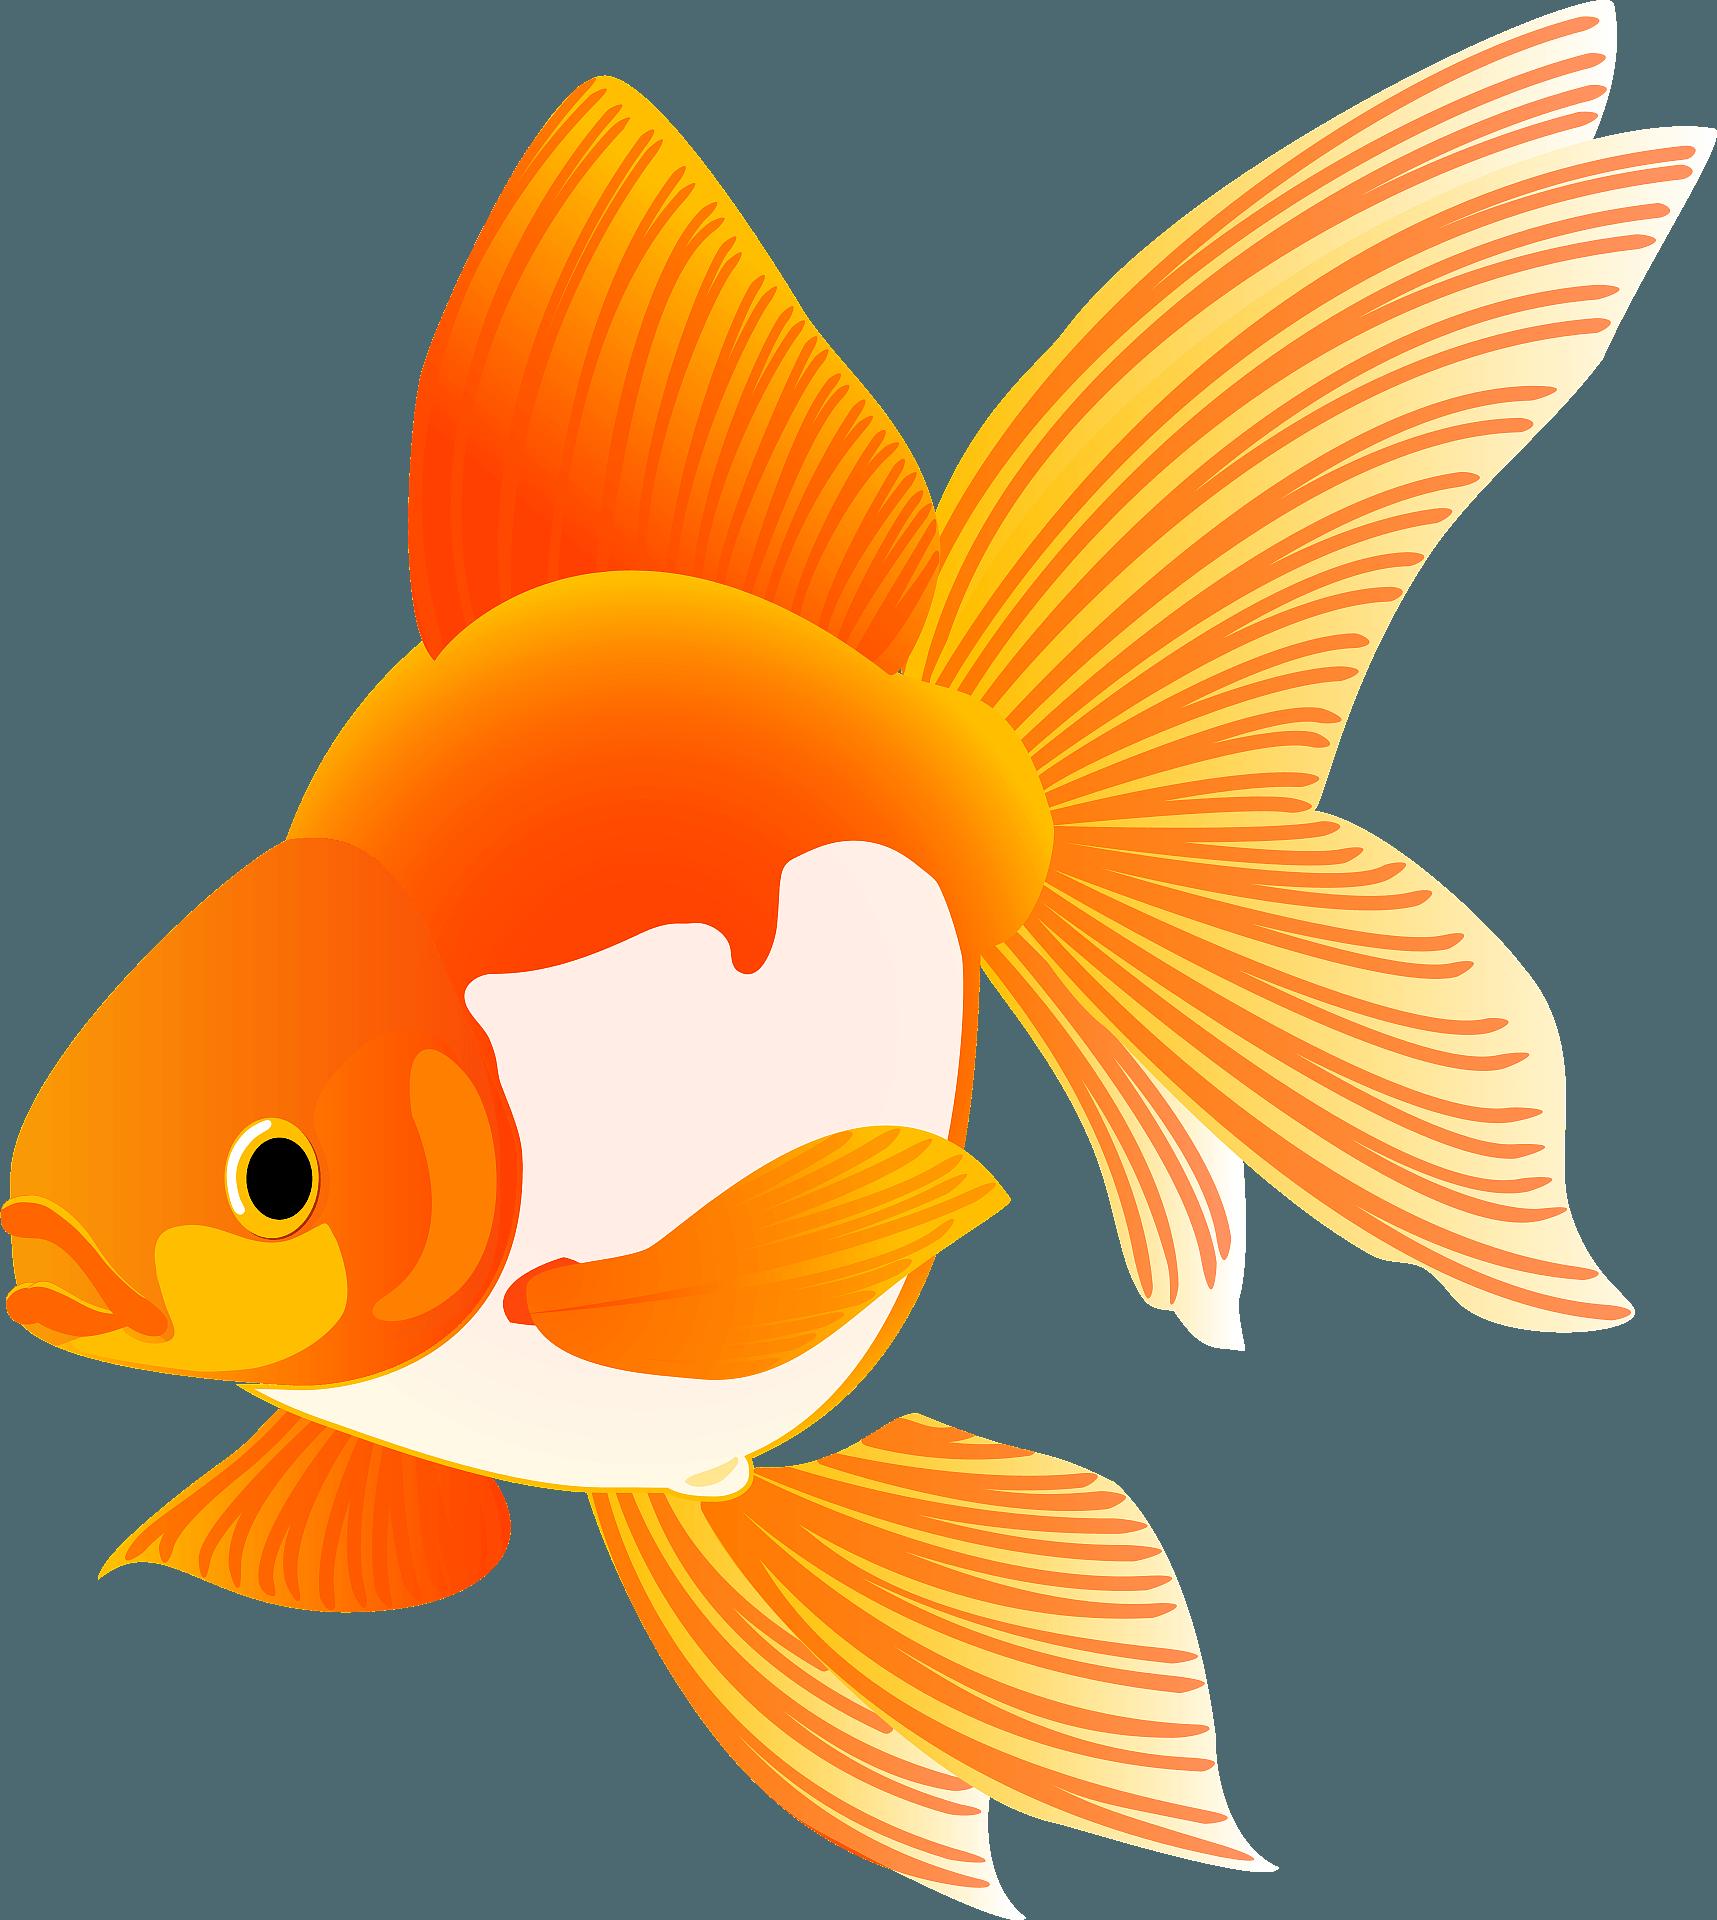 Clown Fish Clipart - Cartoon Fish, Cliparts & Cartoons - Jing.fm